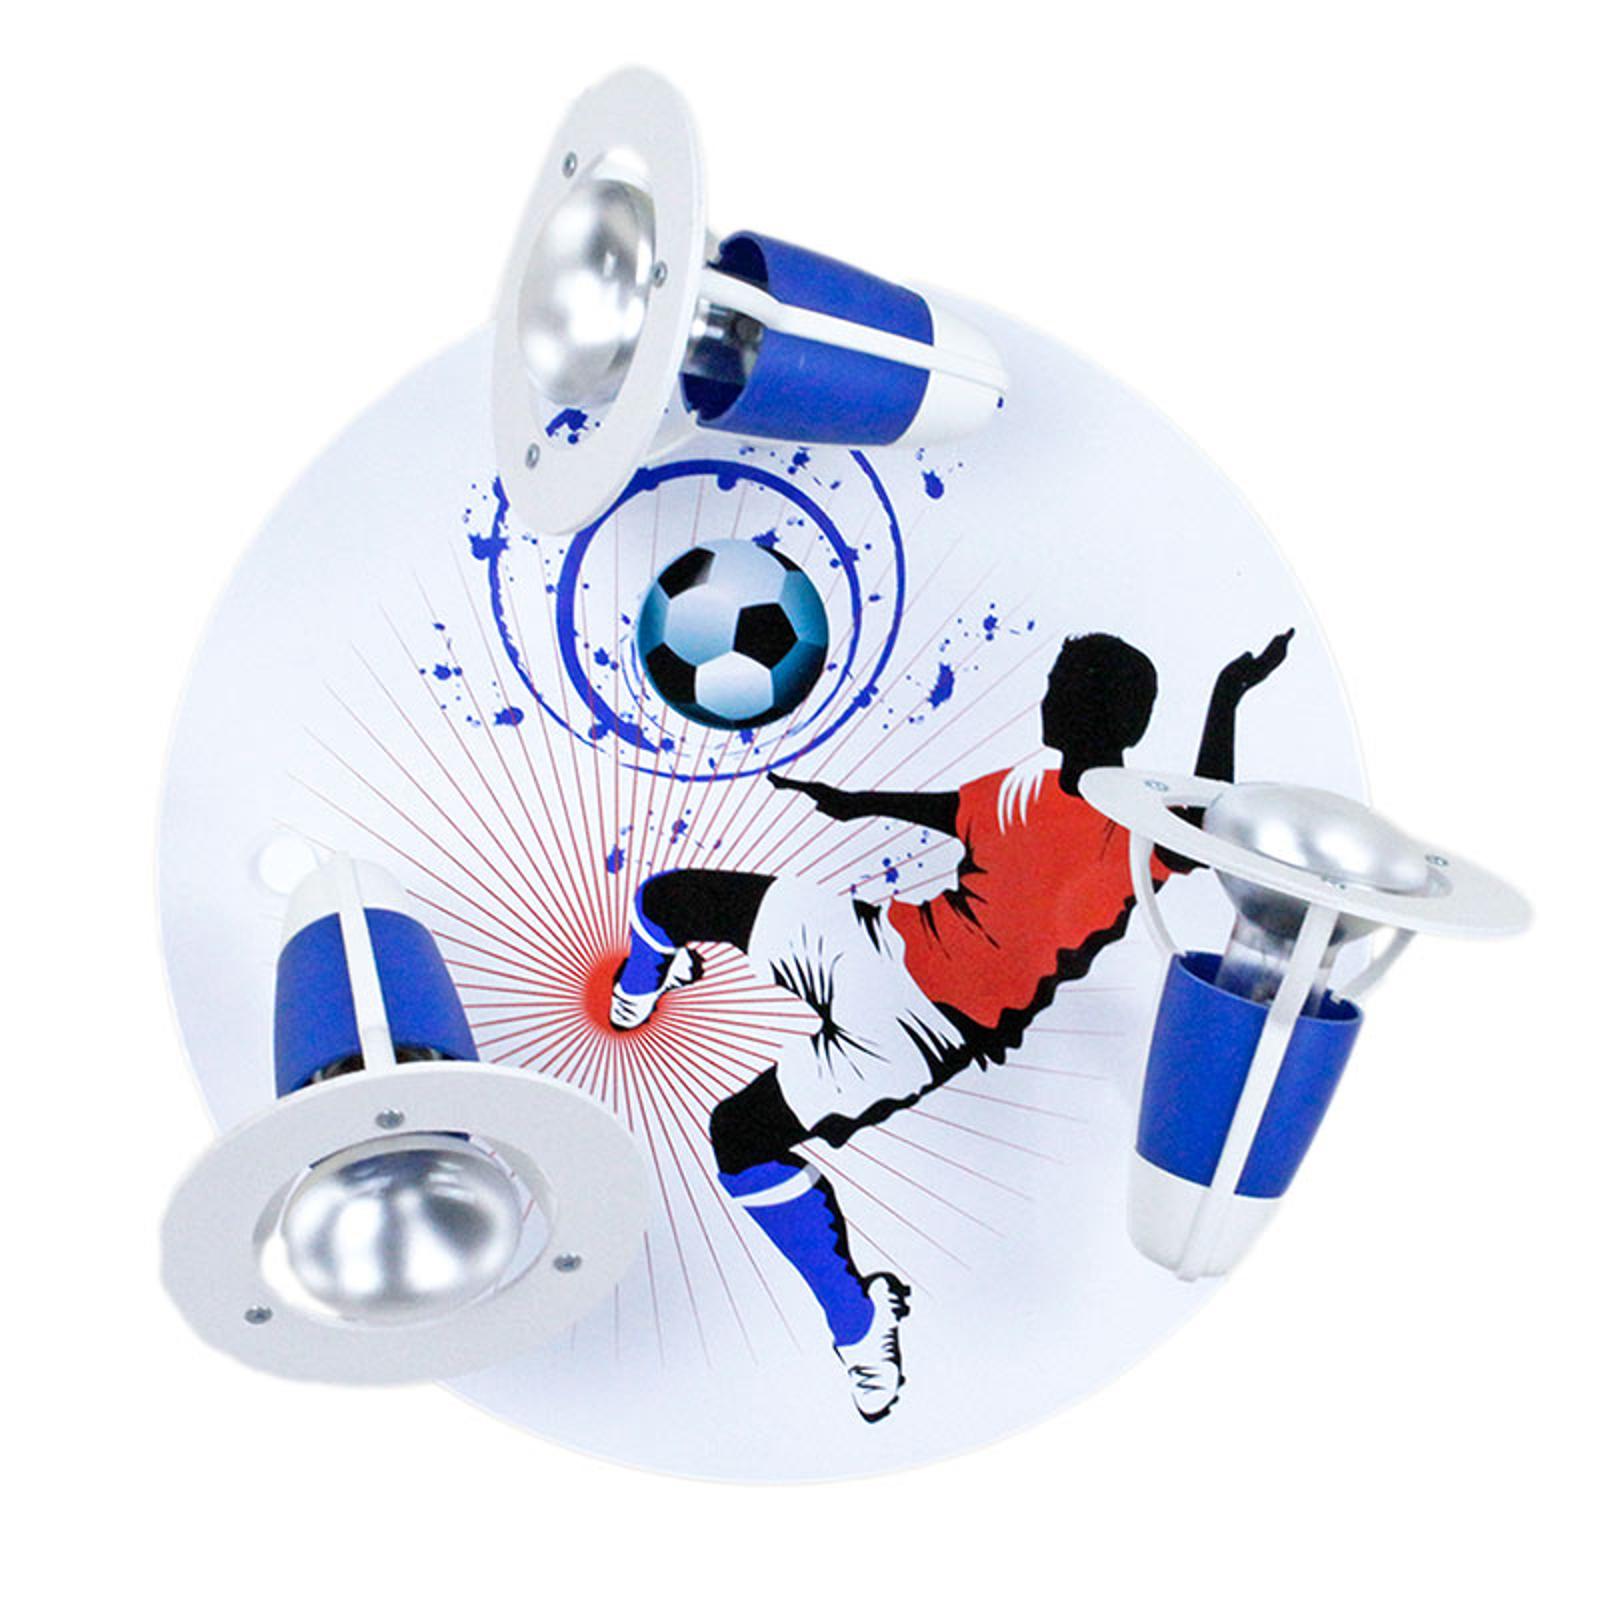 Taklampa Soccer, 3 lampor, blå-vit